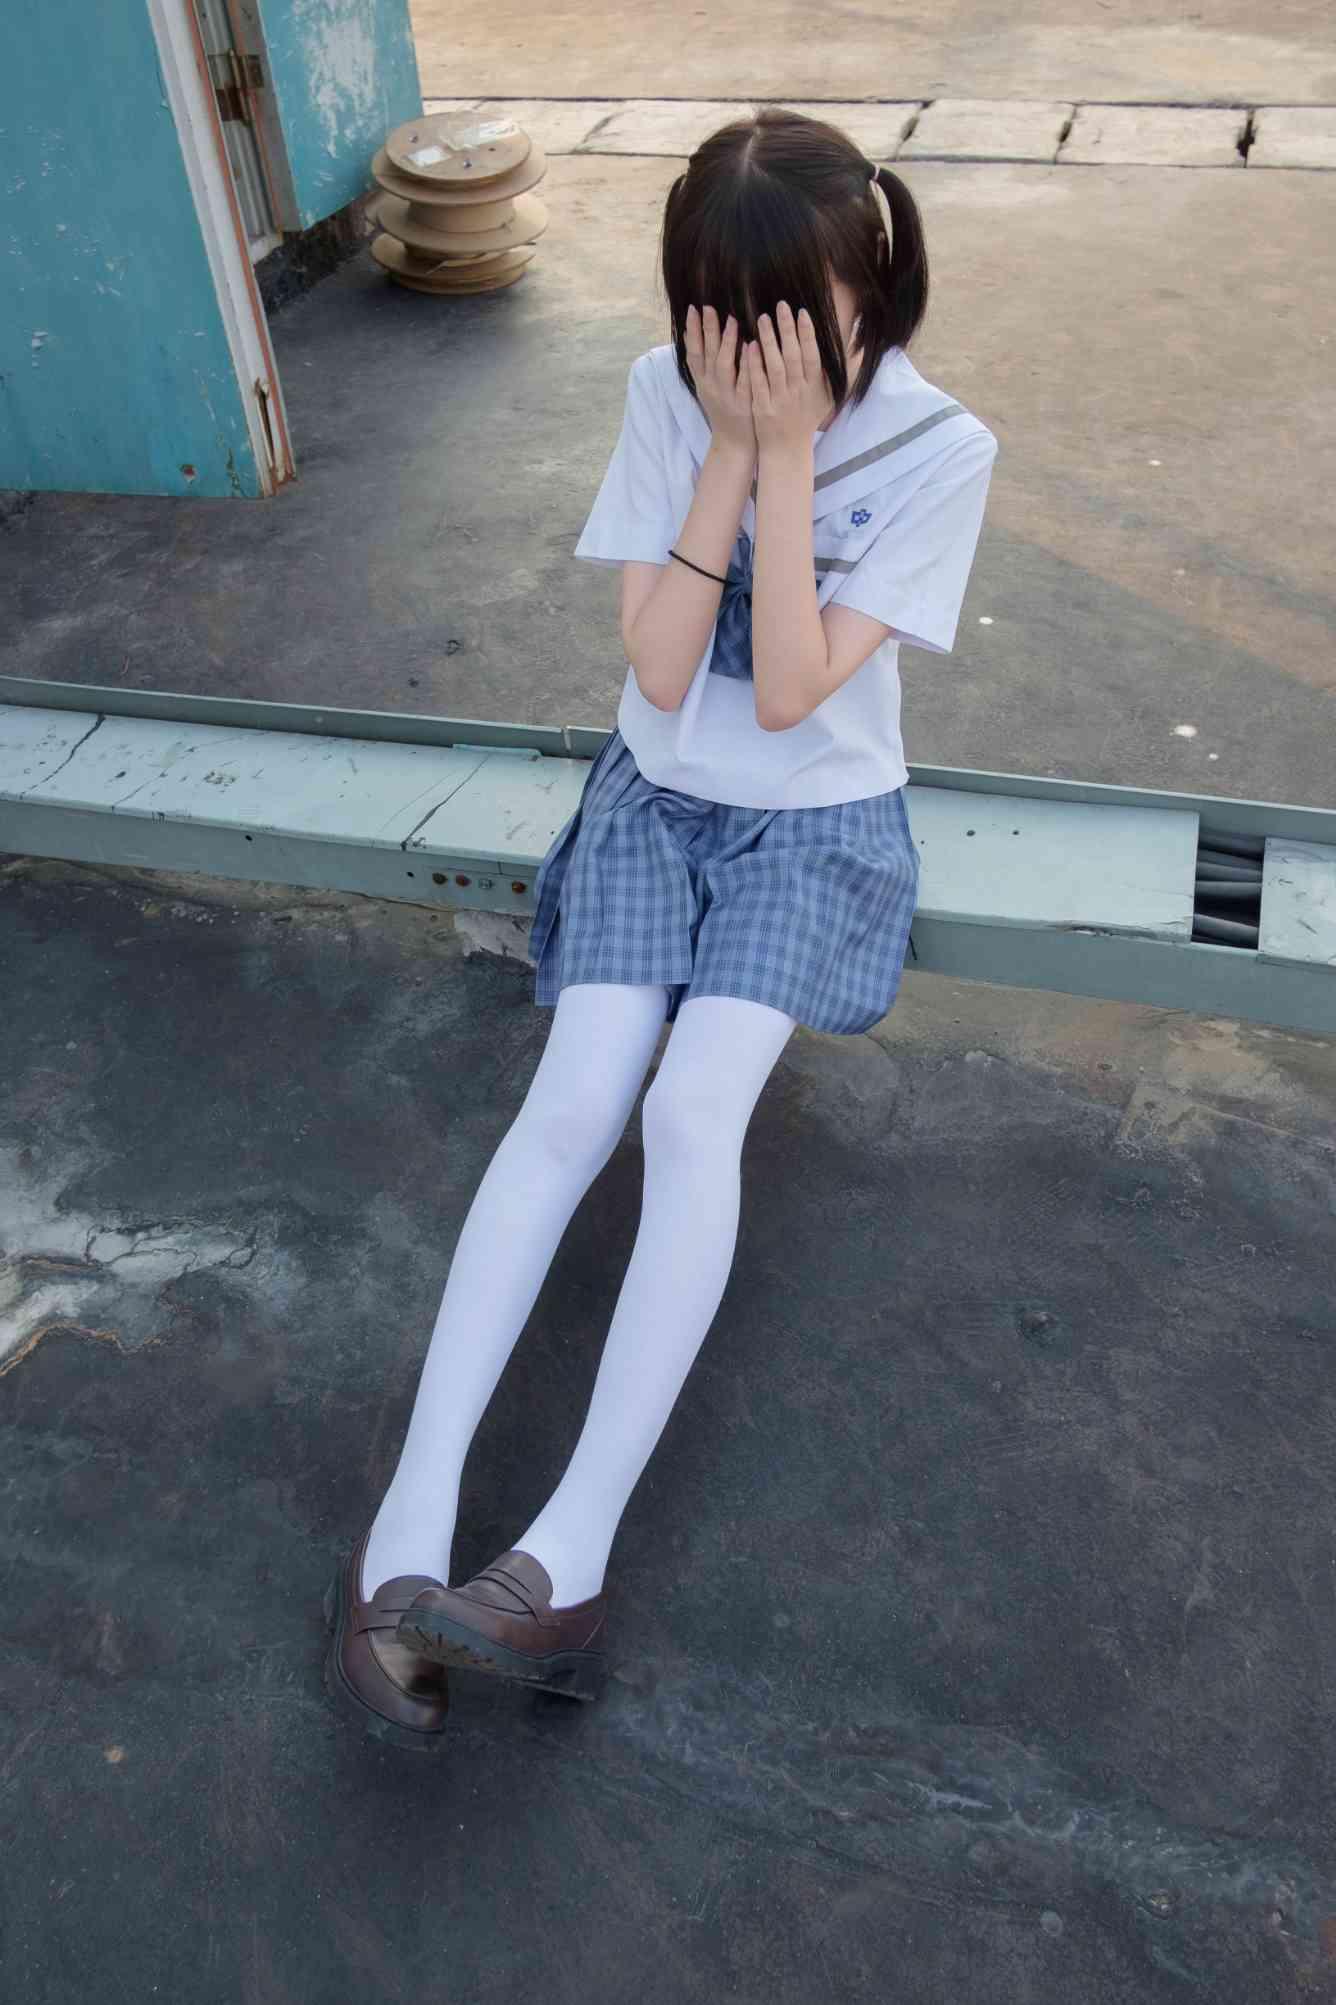 森萝财团 原版写真SSR系列合集 8.25G-FANCHENBIZ